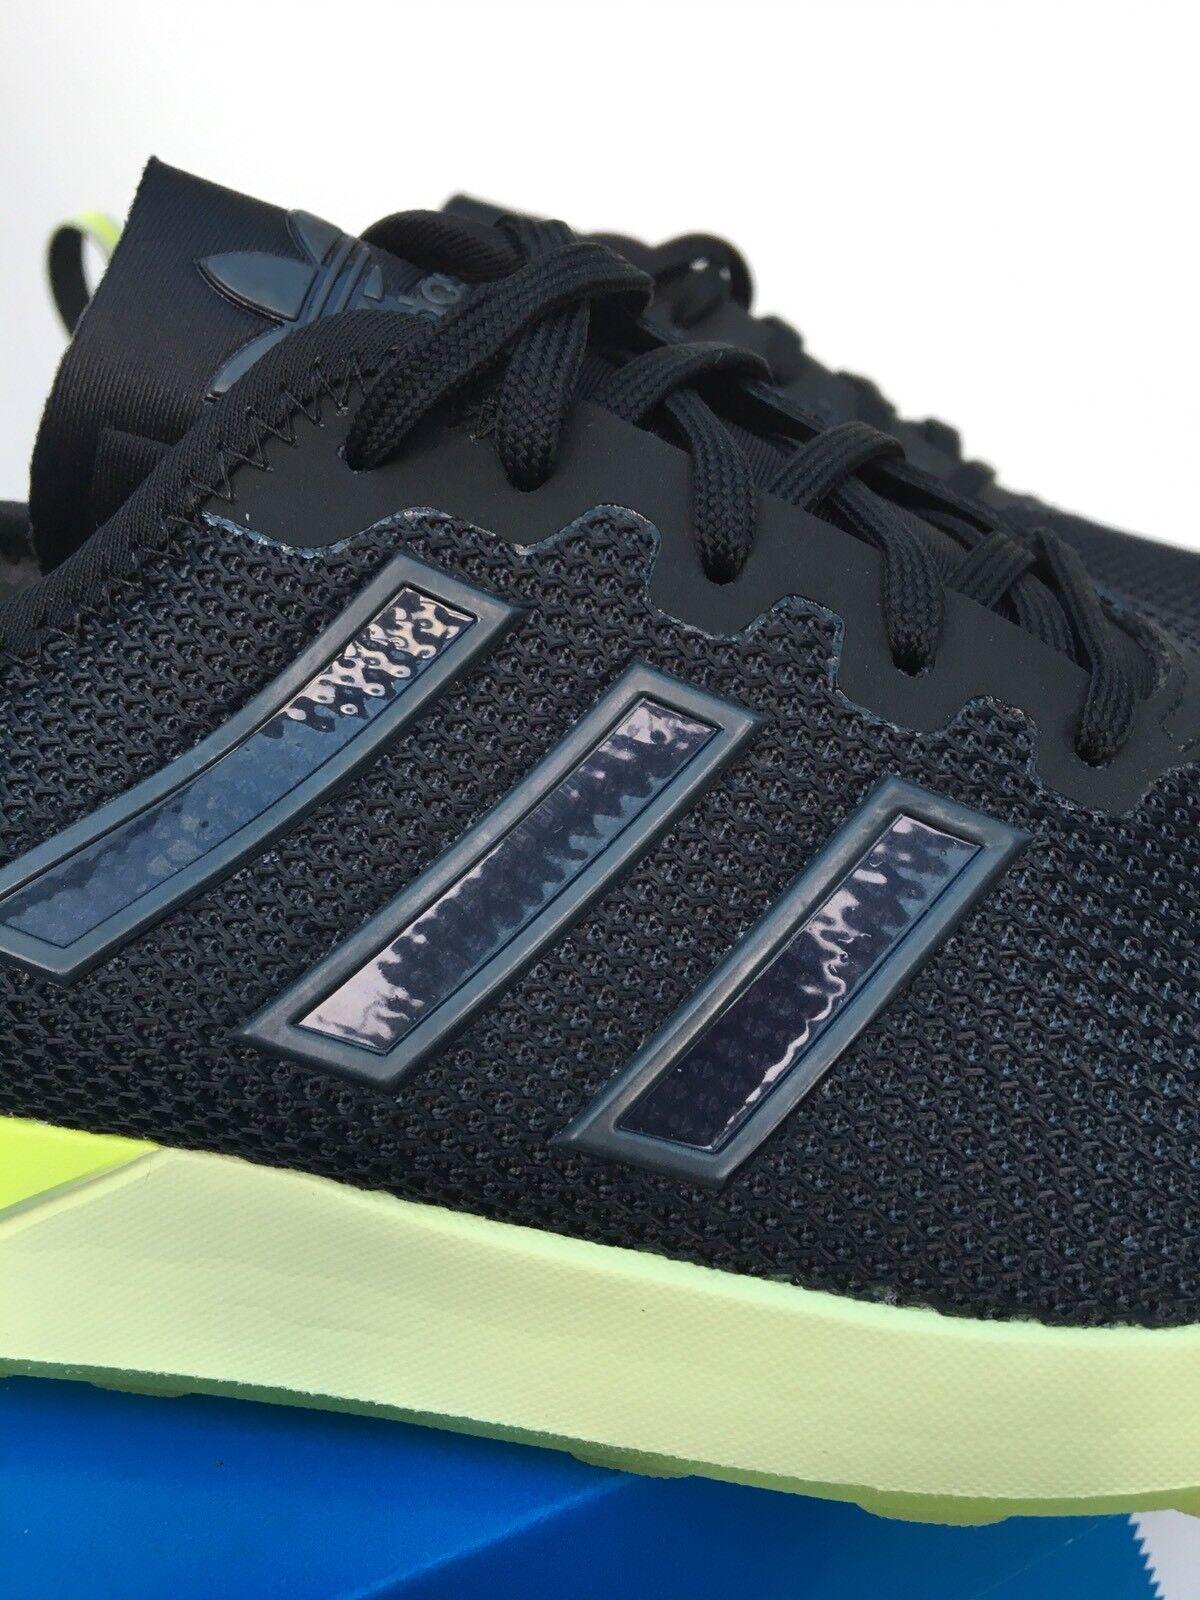 Adidas Zx Flux Adv Adv Adv Zapatillas Aq4906 UK 9 Nuevo en Caja Negro Halo 346e9d